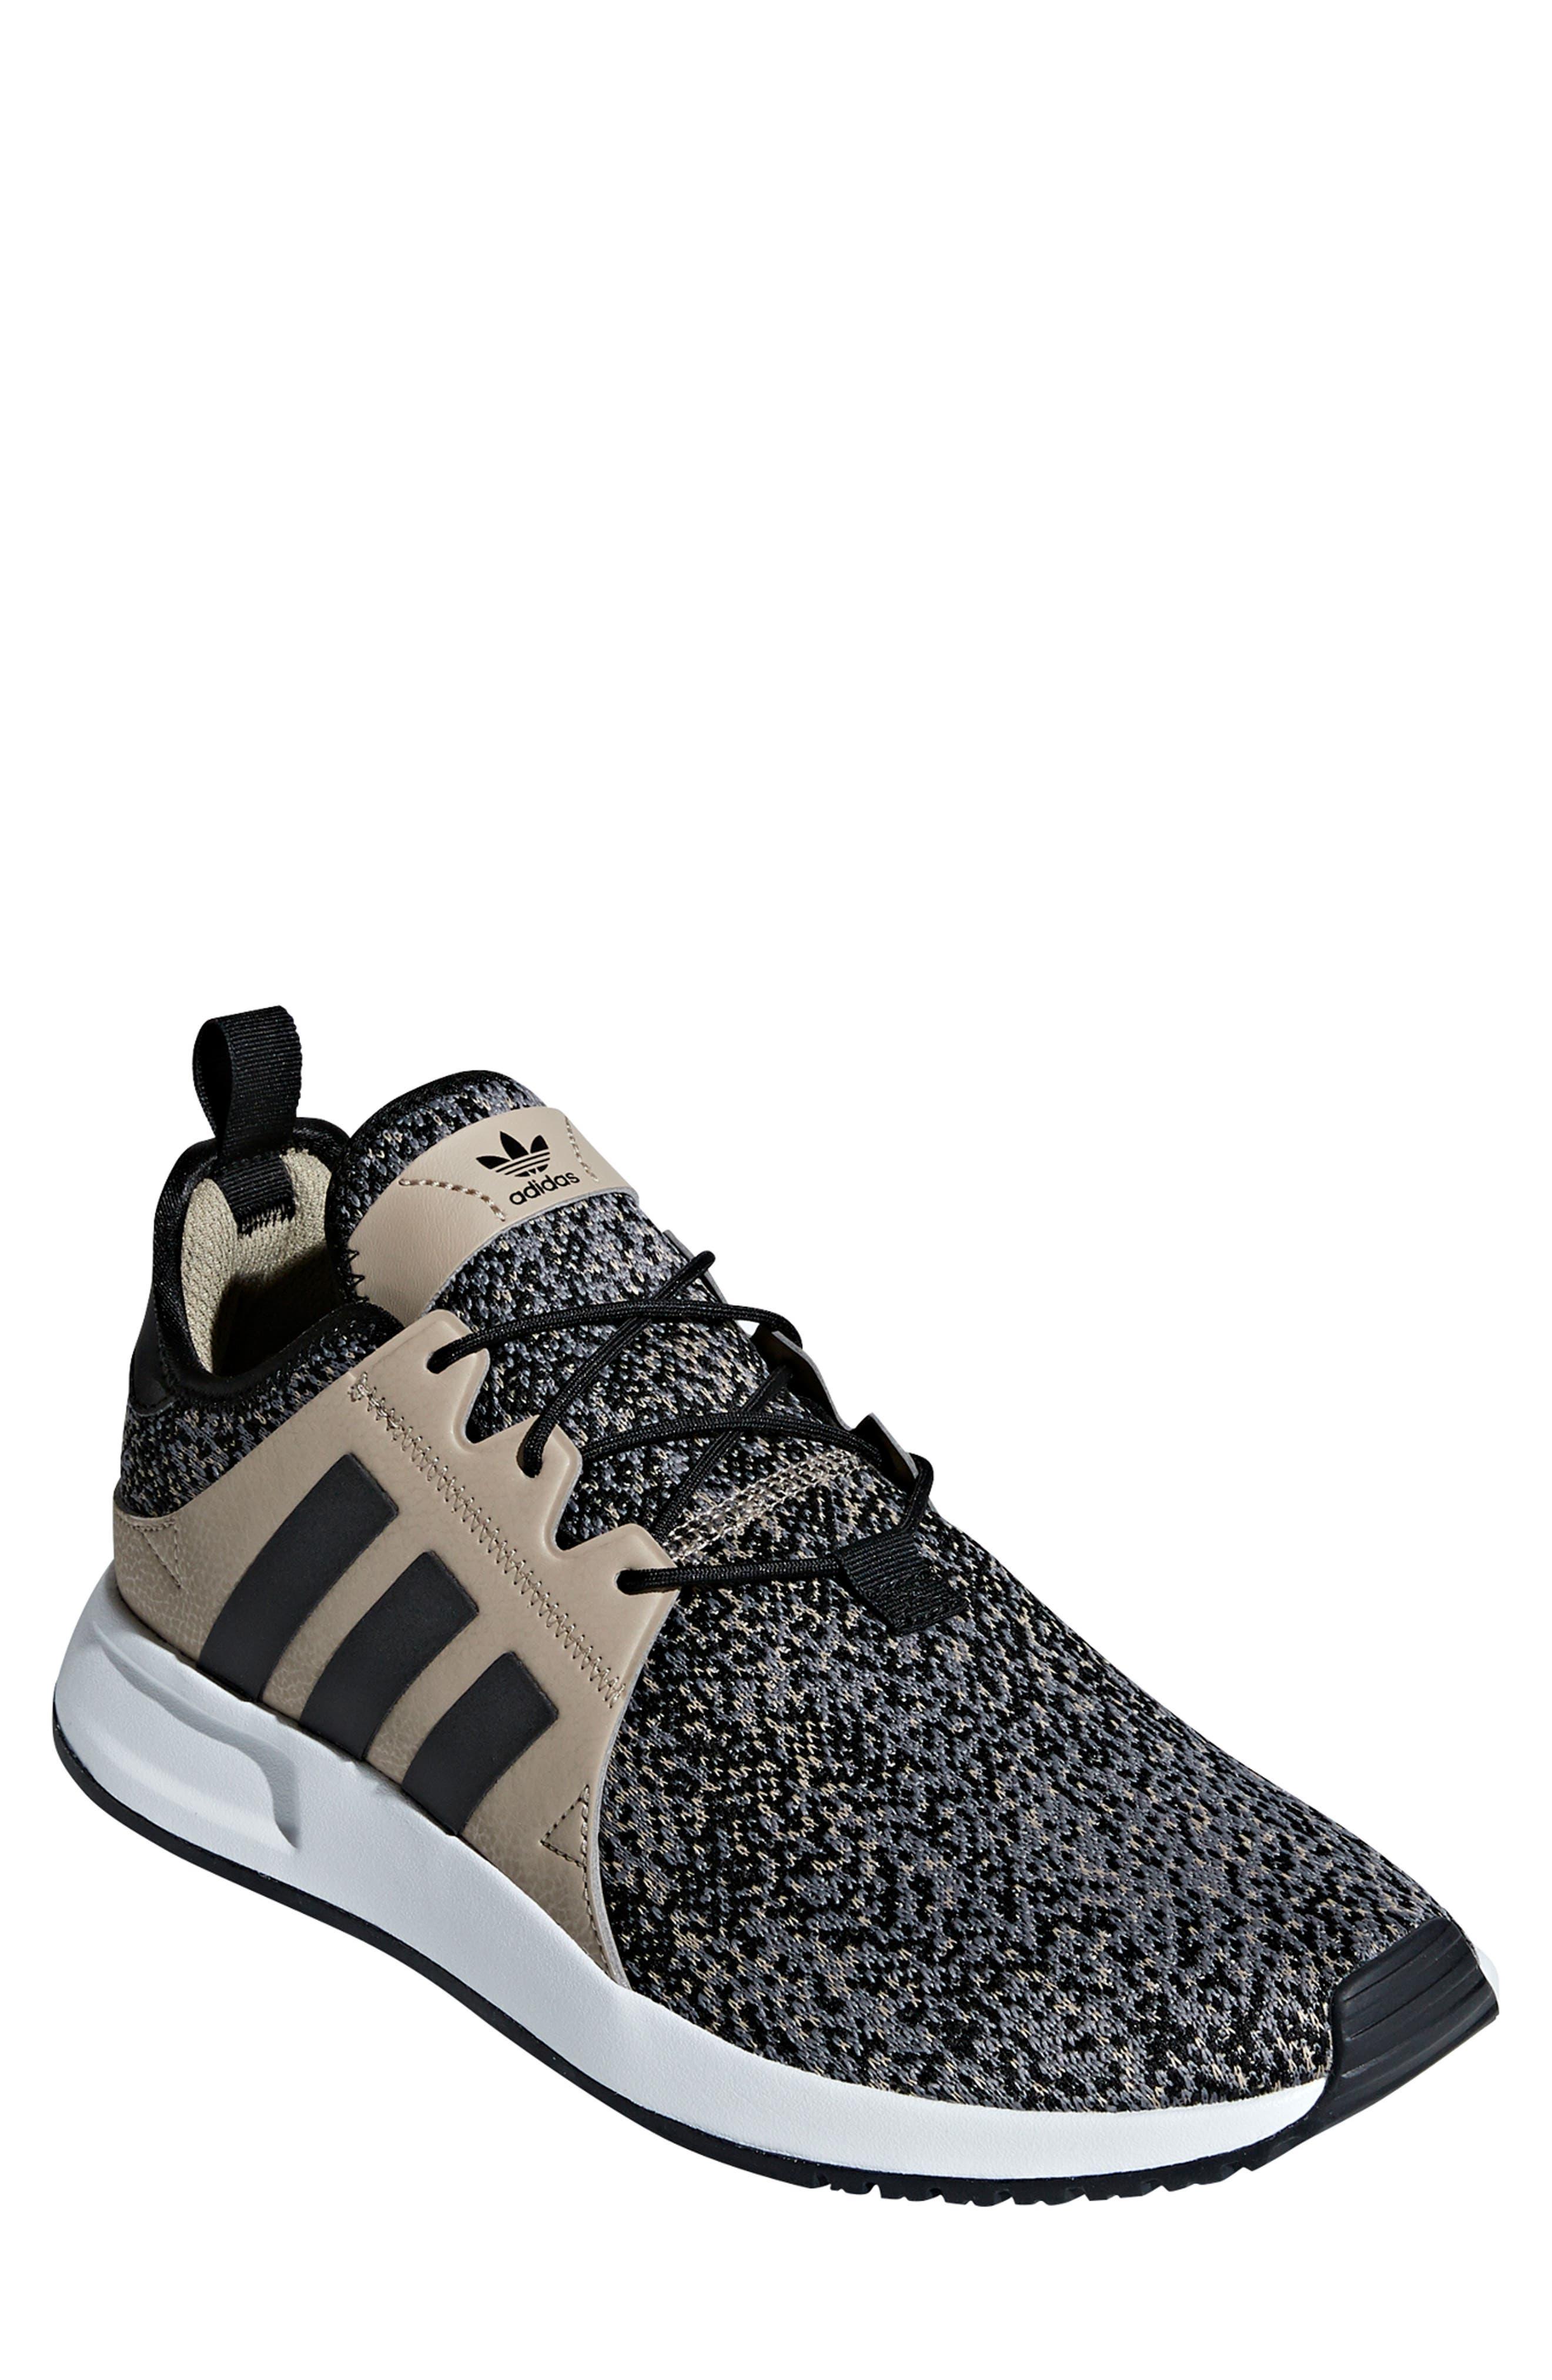 X_PLR Sneaker,                             Main thumbnail 1, color,                             KHAKI / CORE BLACK / WHITE